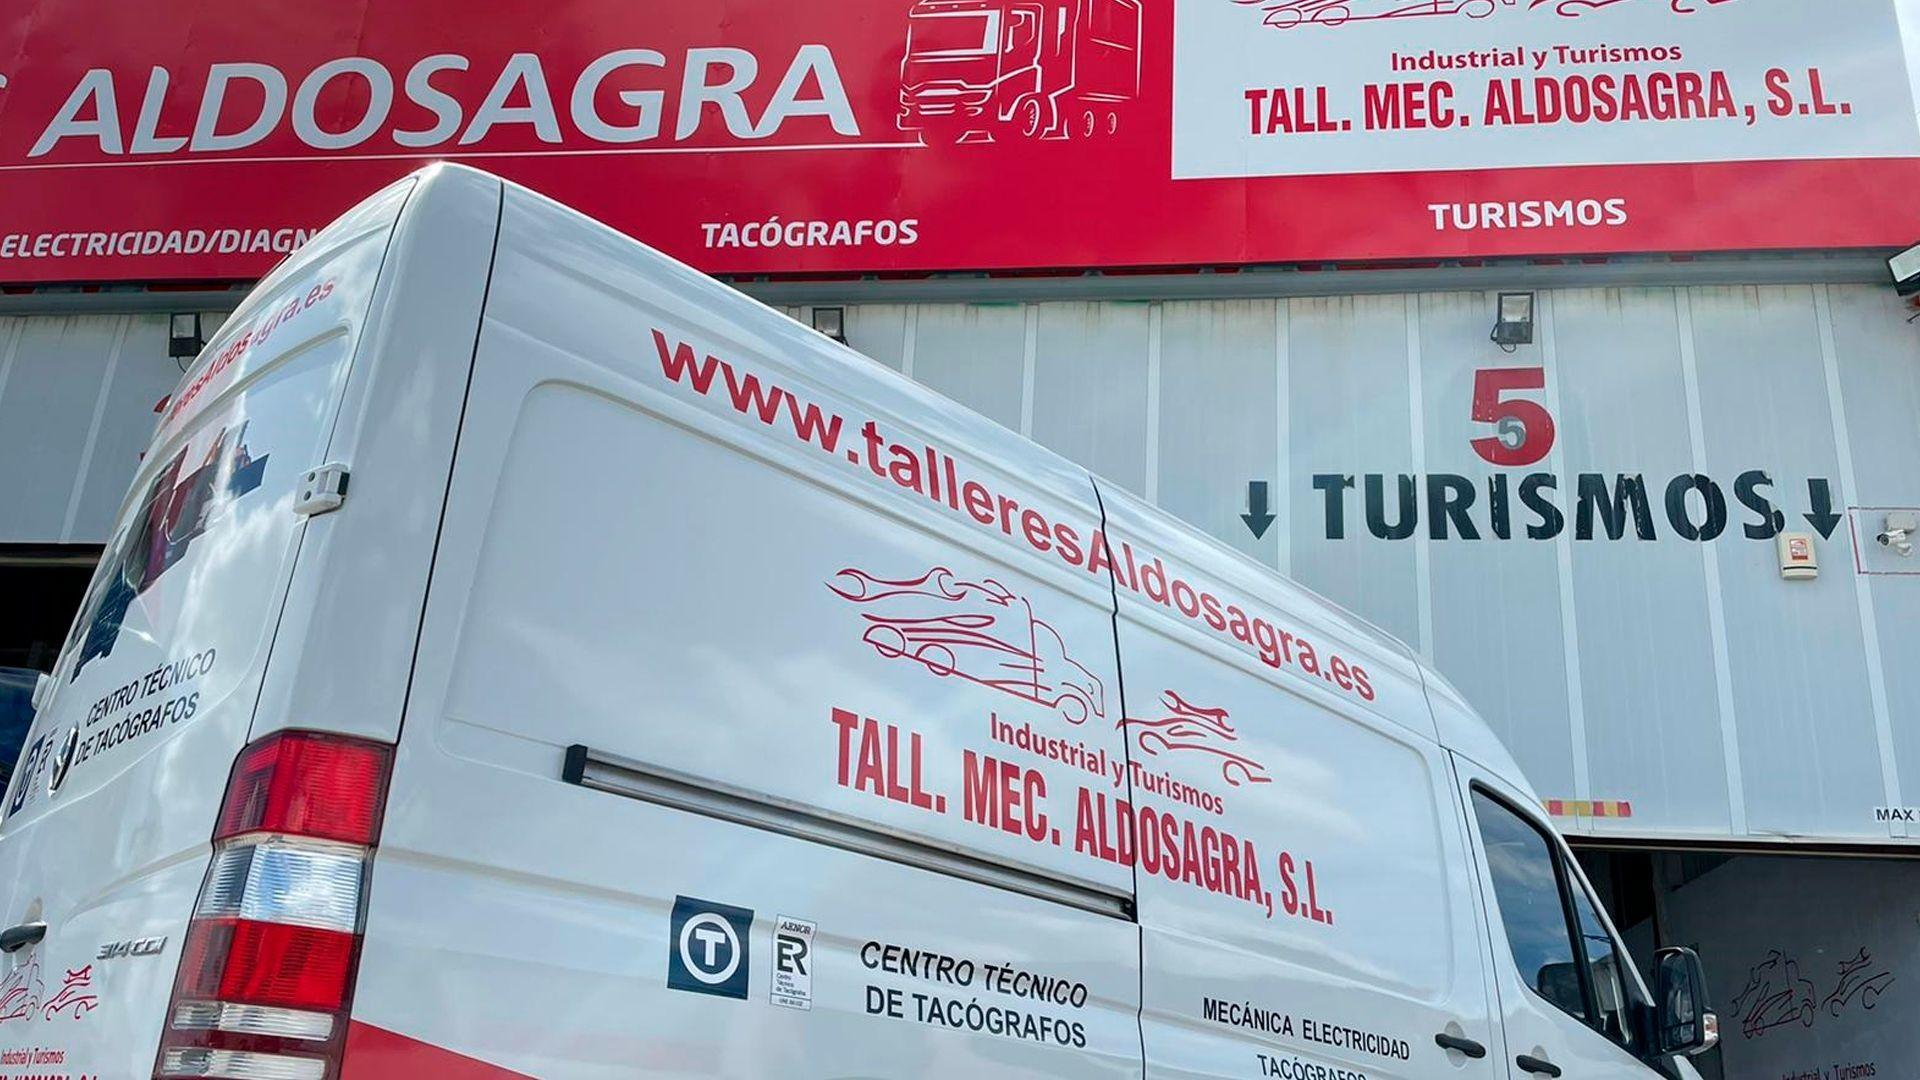 Talleres de reparación de vehículos en Alameda de la Sagra